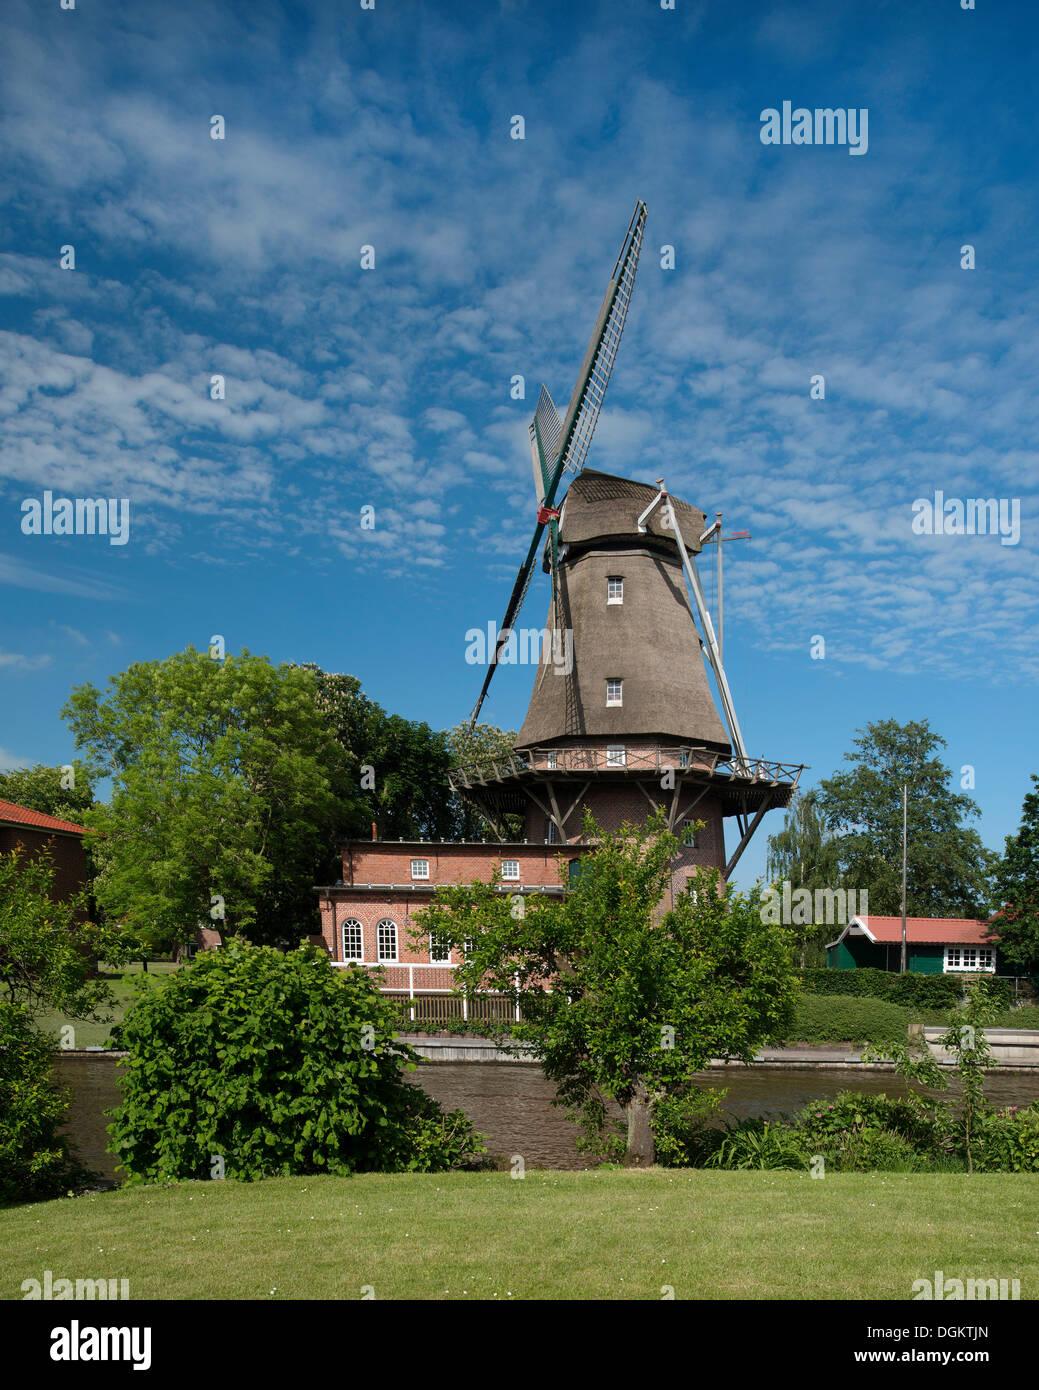 Eine niederländische dreistöckigen Windmühle mit einer Galerie, Wahrzeichen von Hinte, Ostfriesland, Stockbild